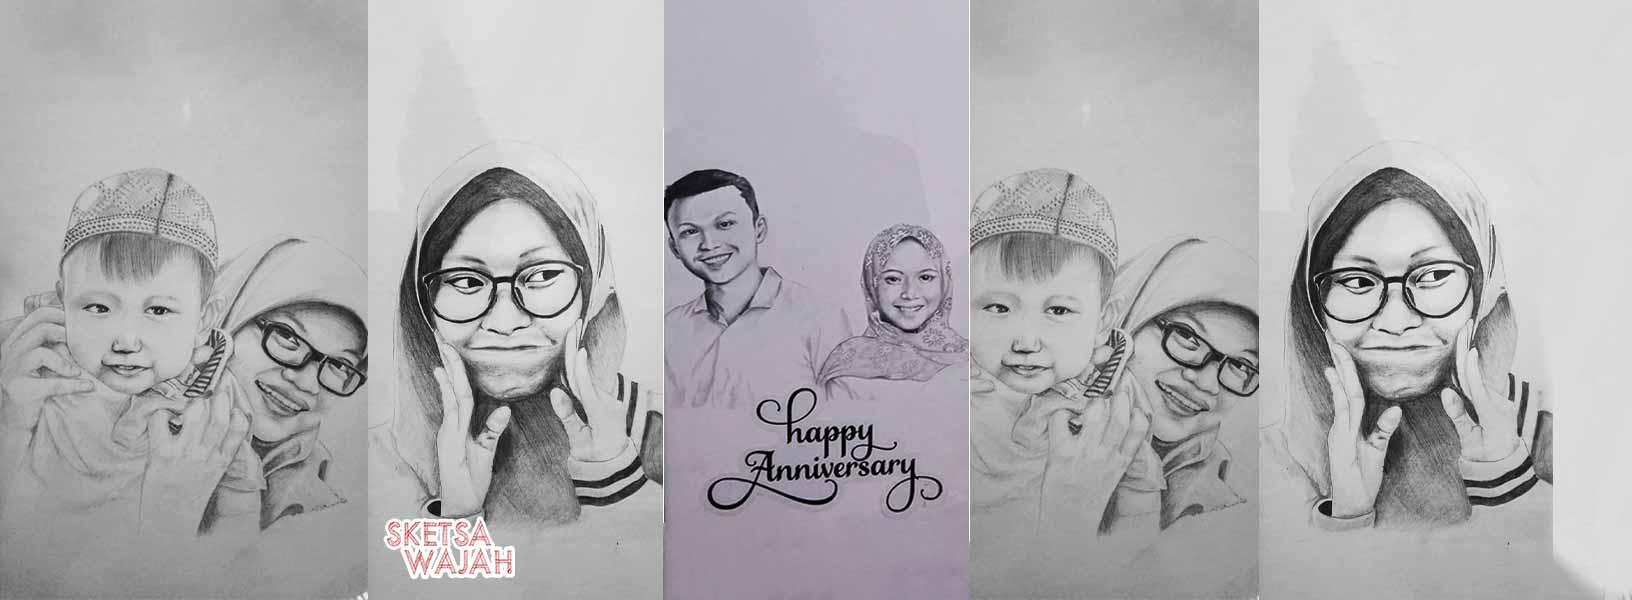 Karya Taufik Ismail sketcher Sketsa Wajah